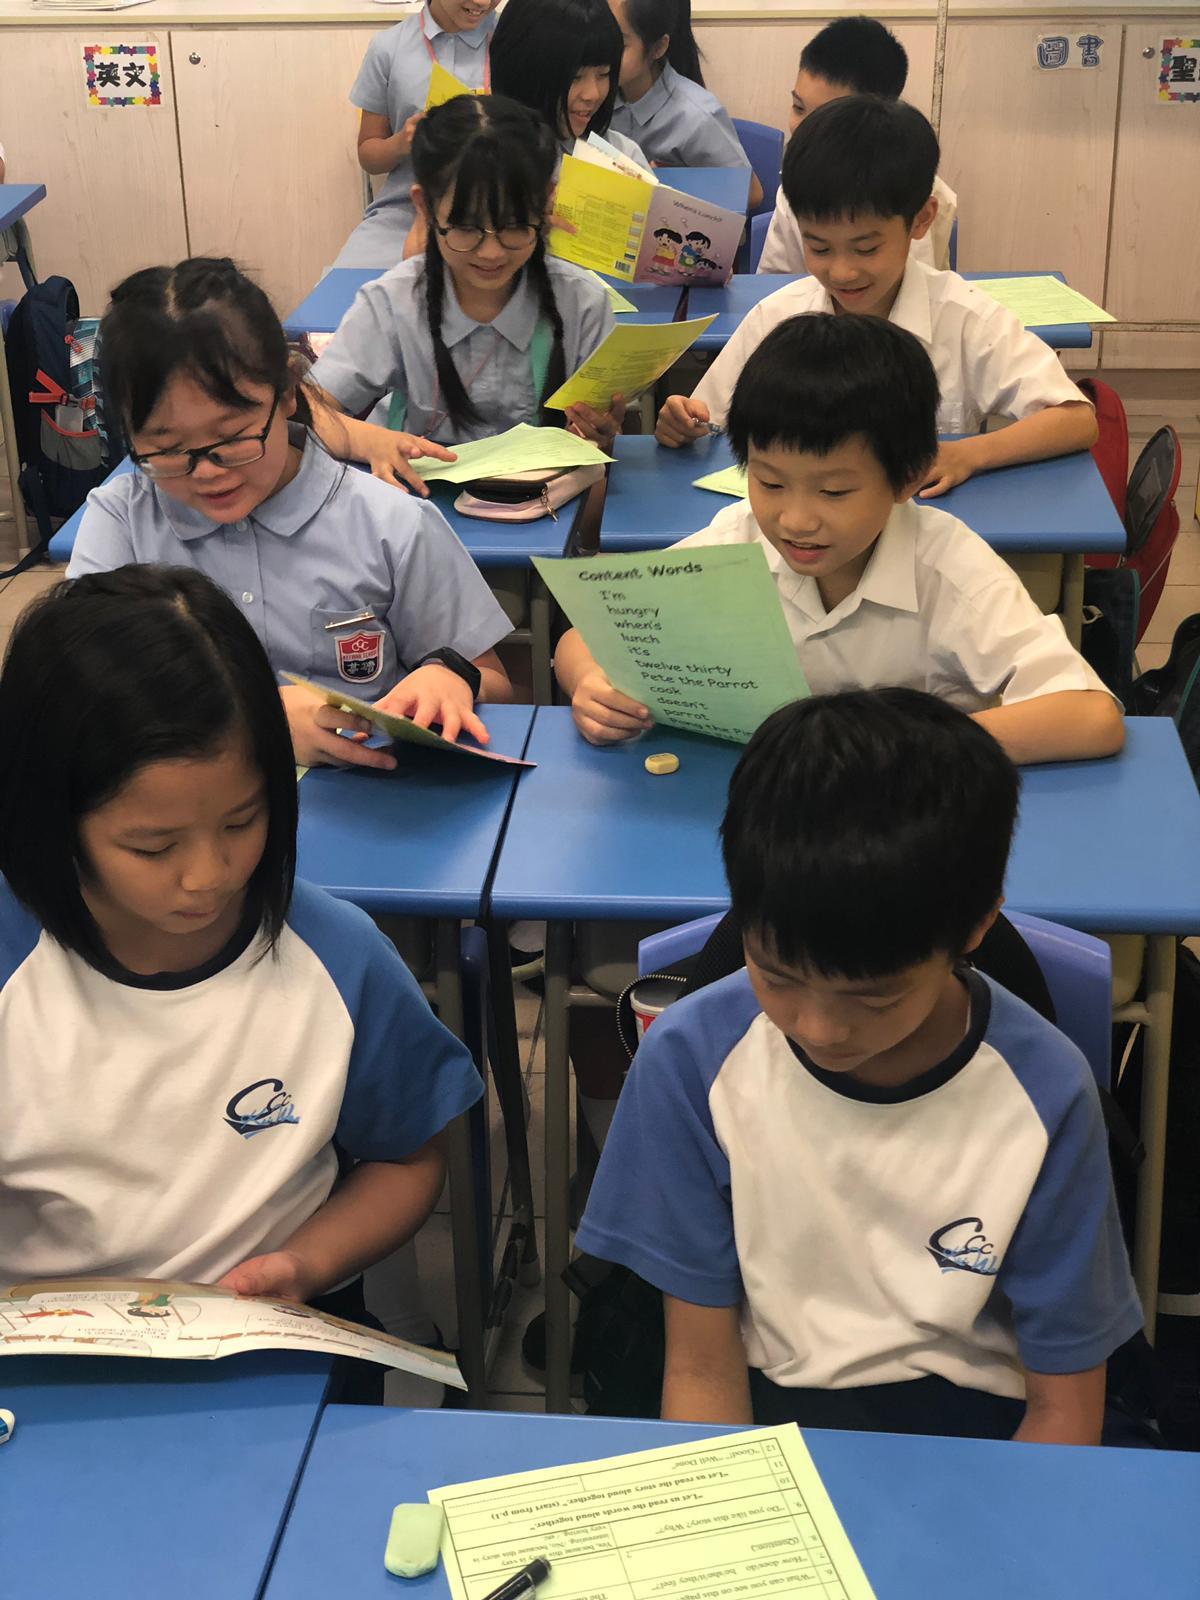 http://www.keiwan.edu.hk/sites/default/files/img-20191005-wa0020.jpg